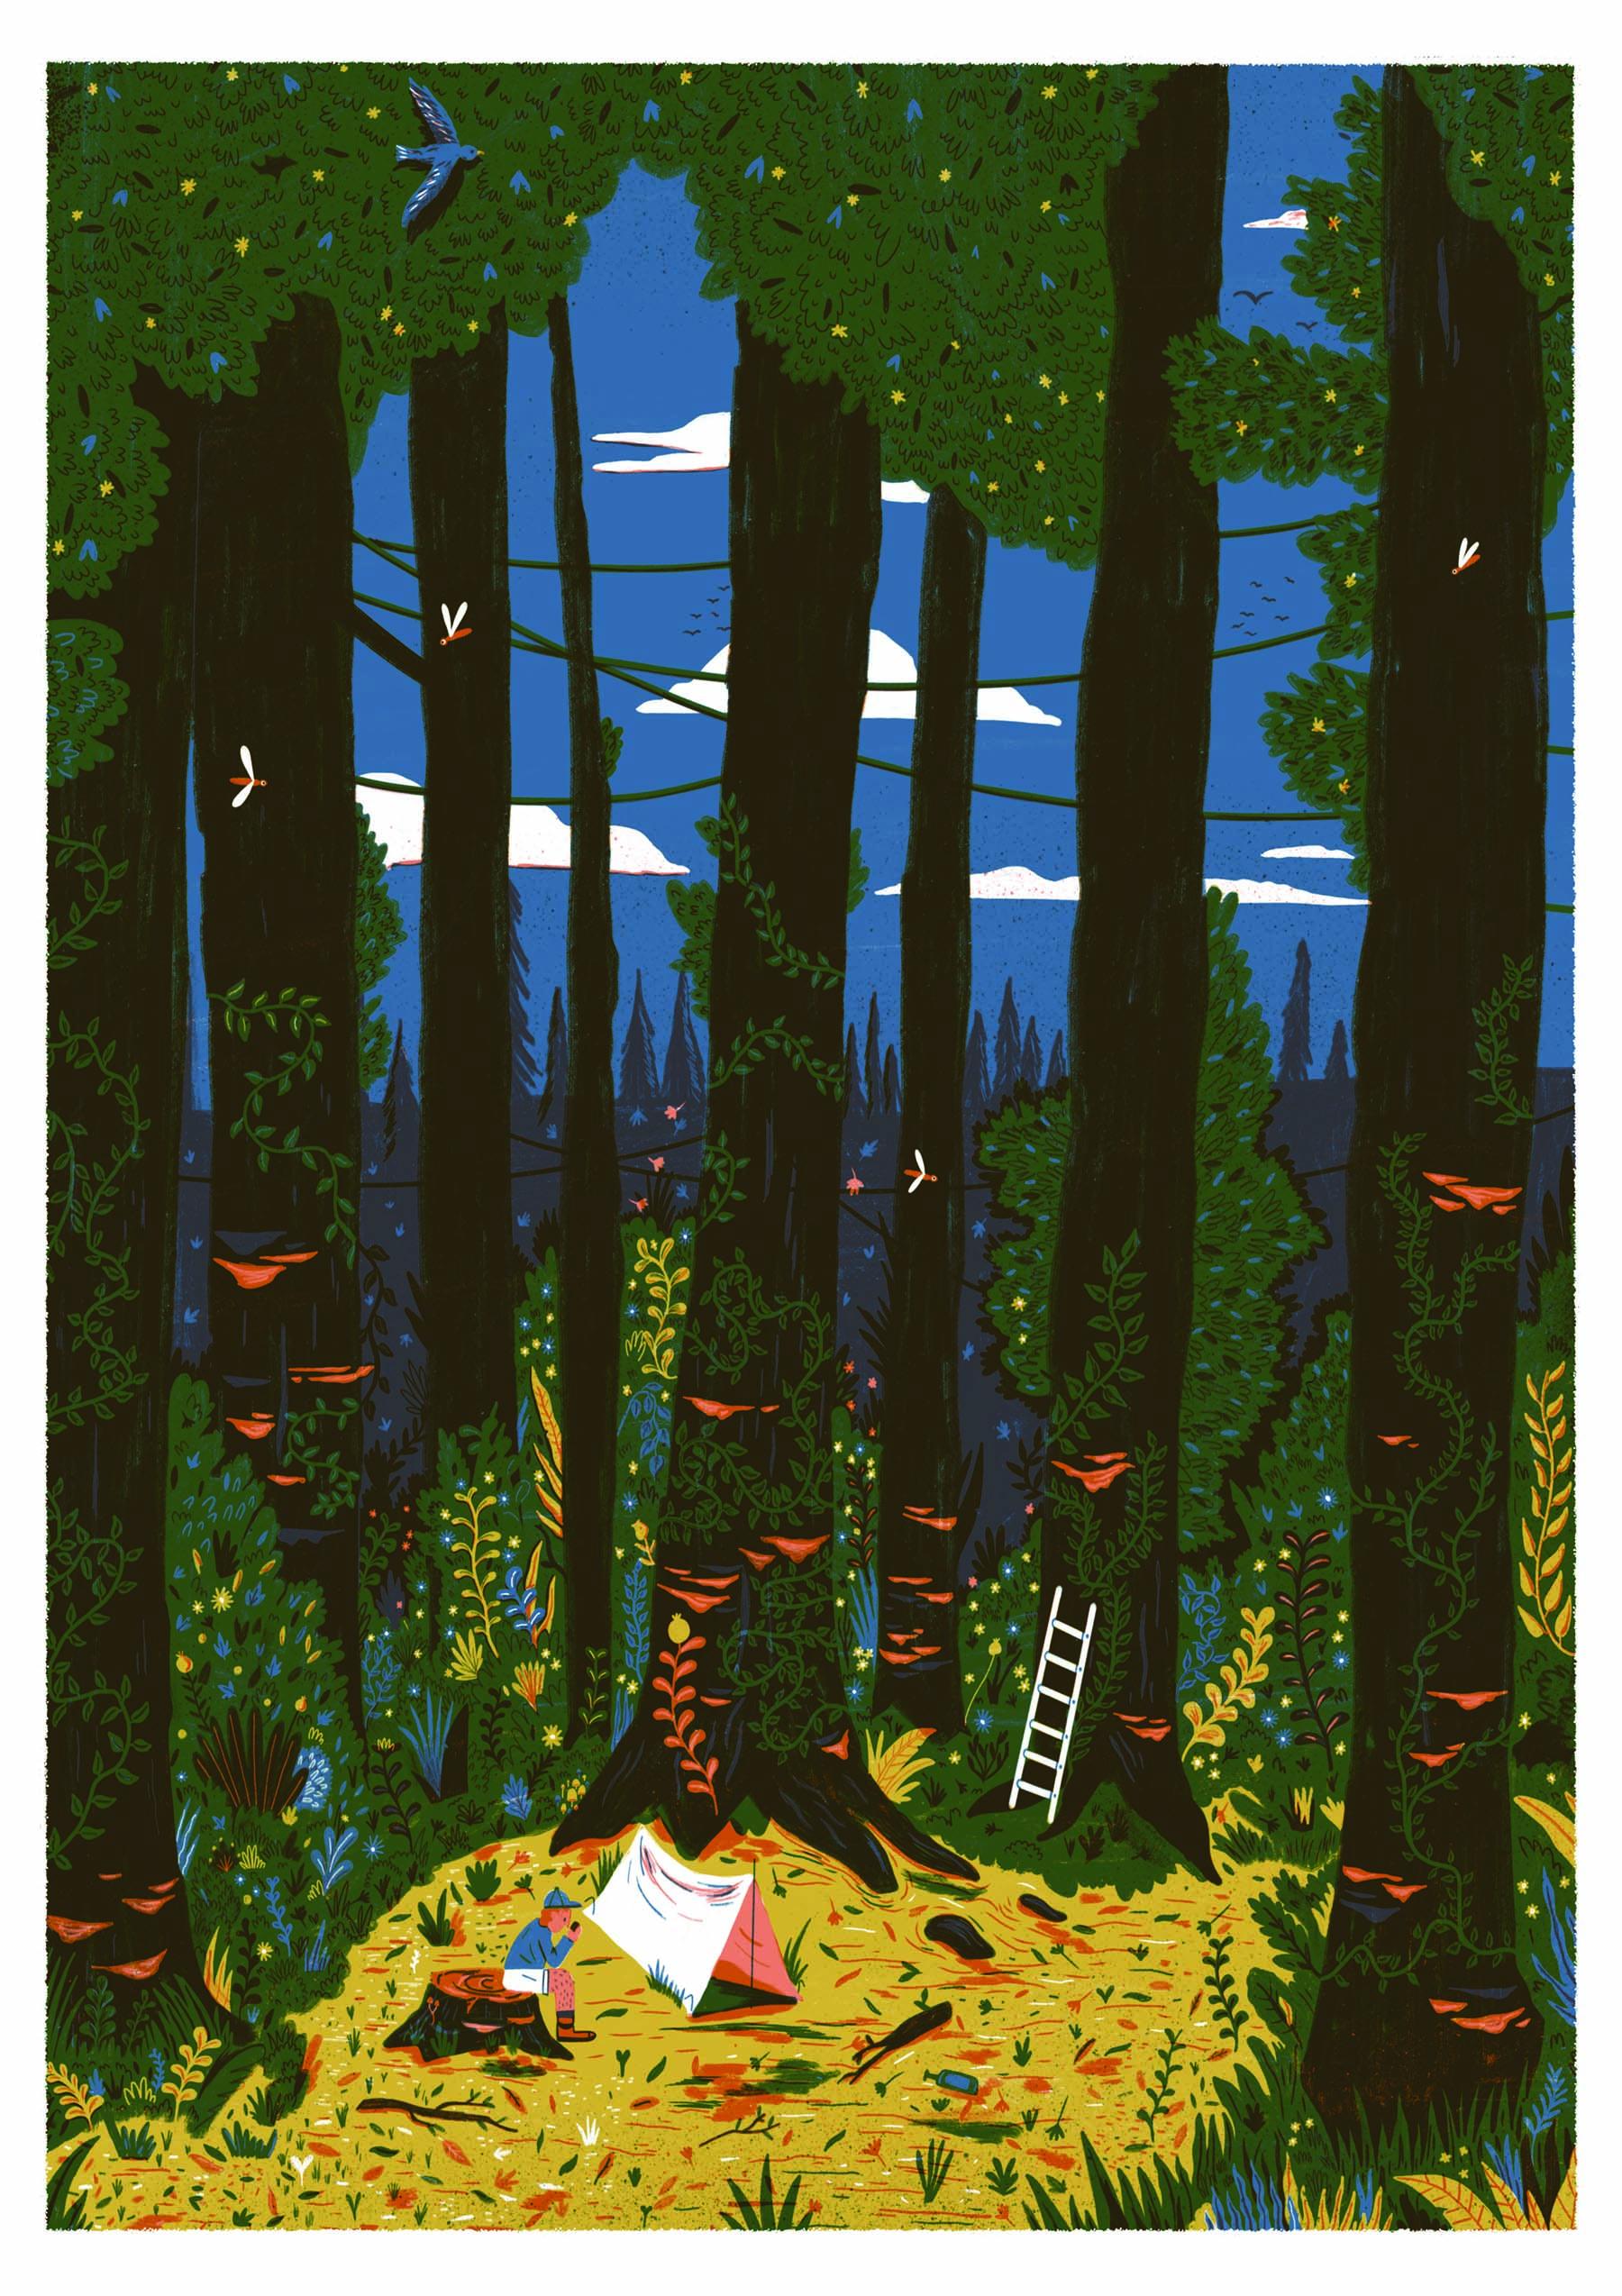 Loveblood Creative - Sonny Ross - Forest.jpg